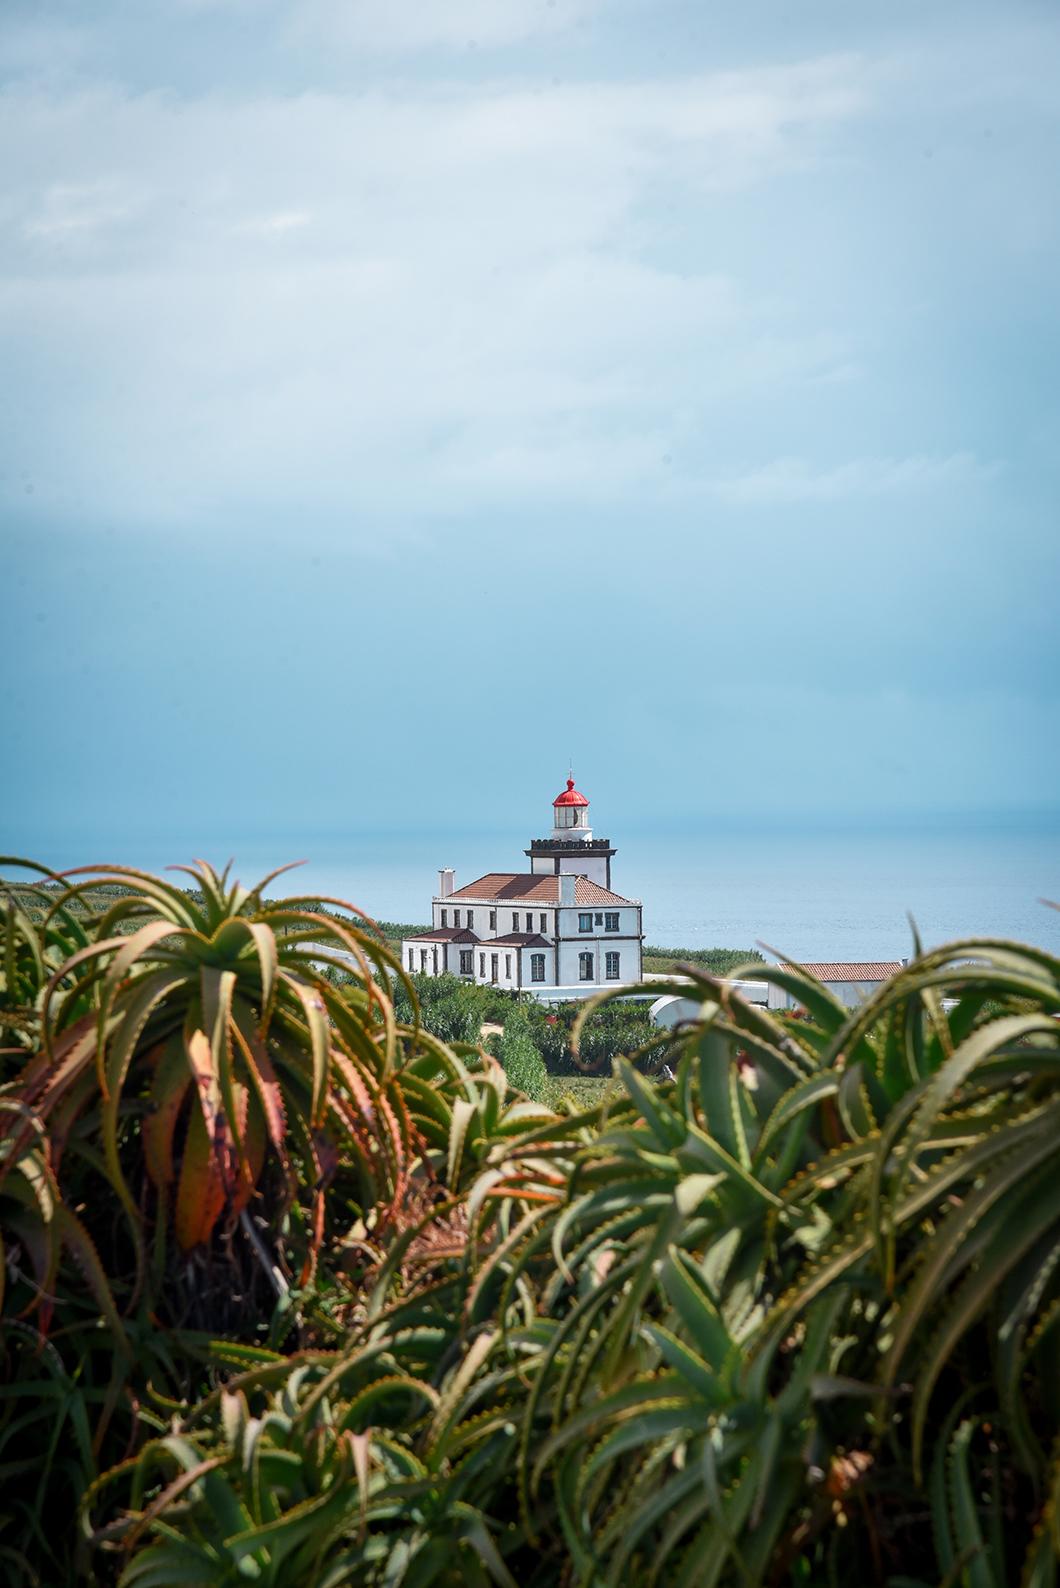 Le phare de Ferraria, plus beaux points de vue sur l'île de Sao Miguel